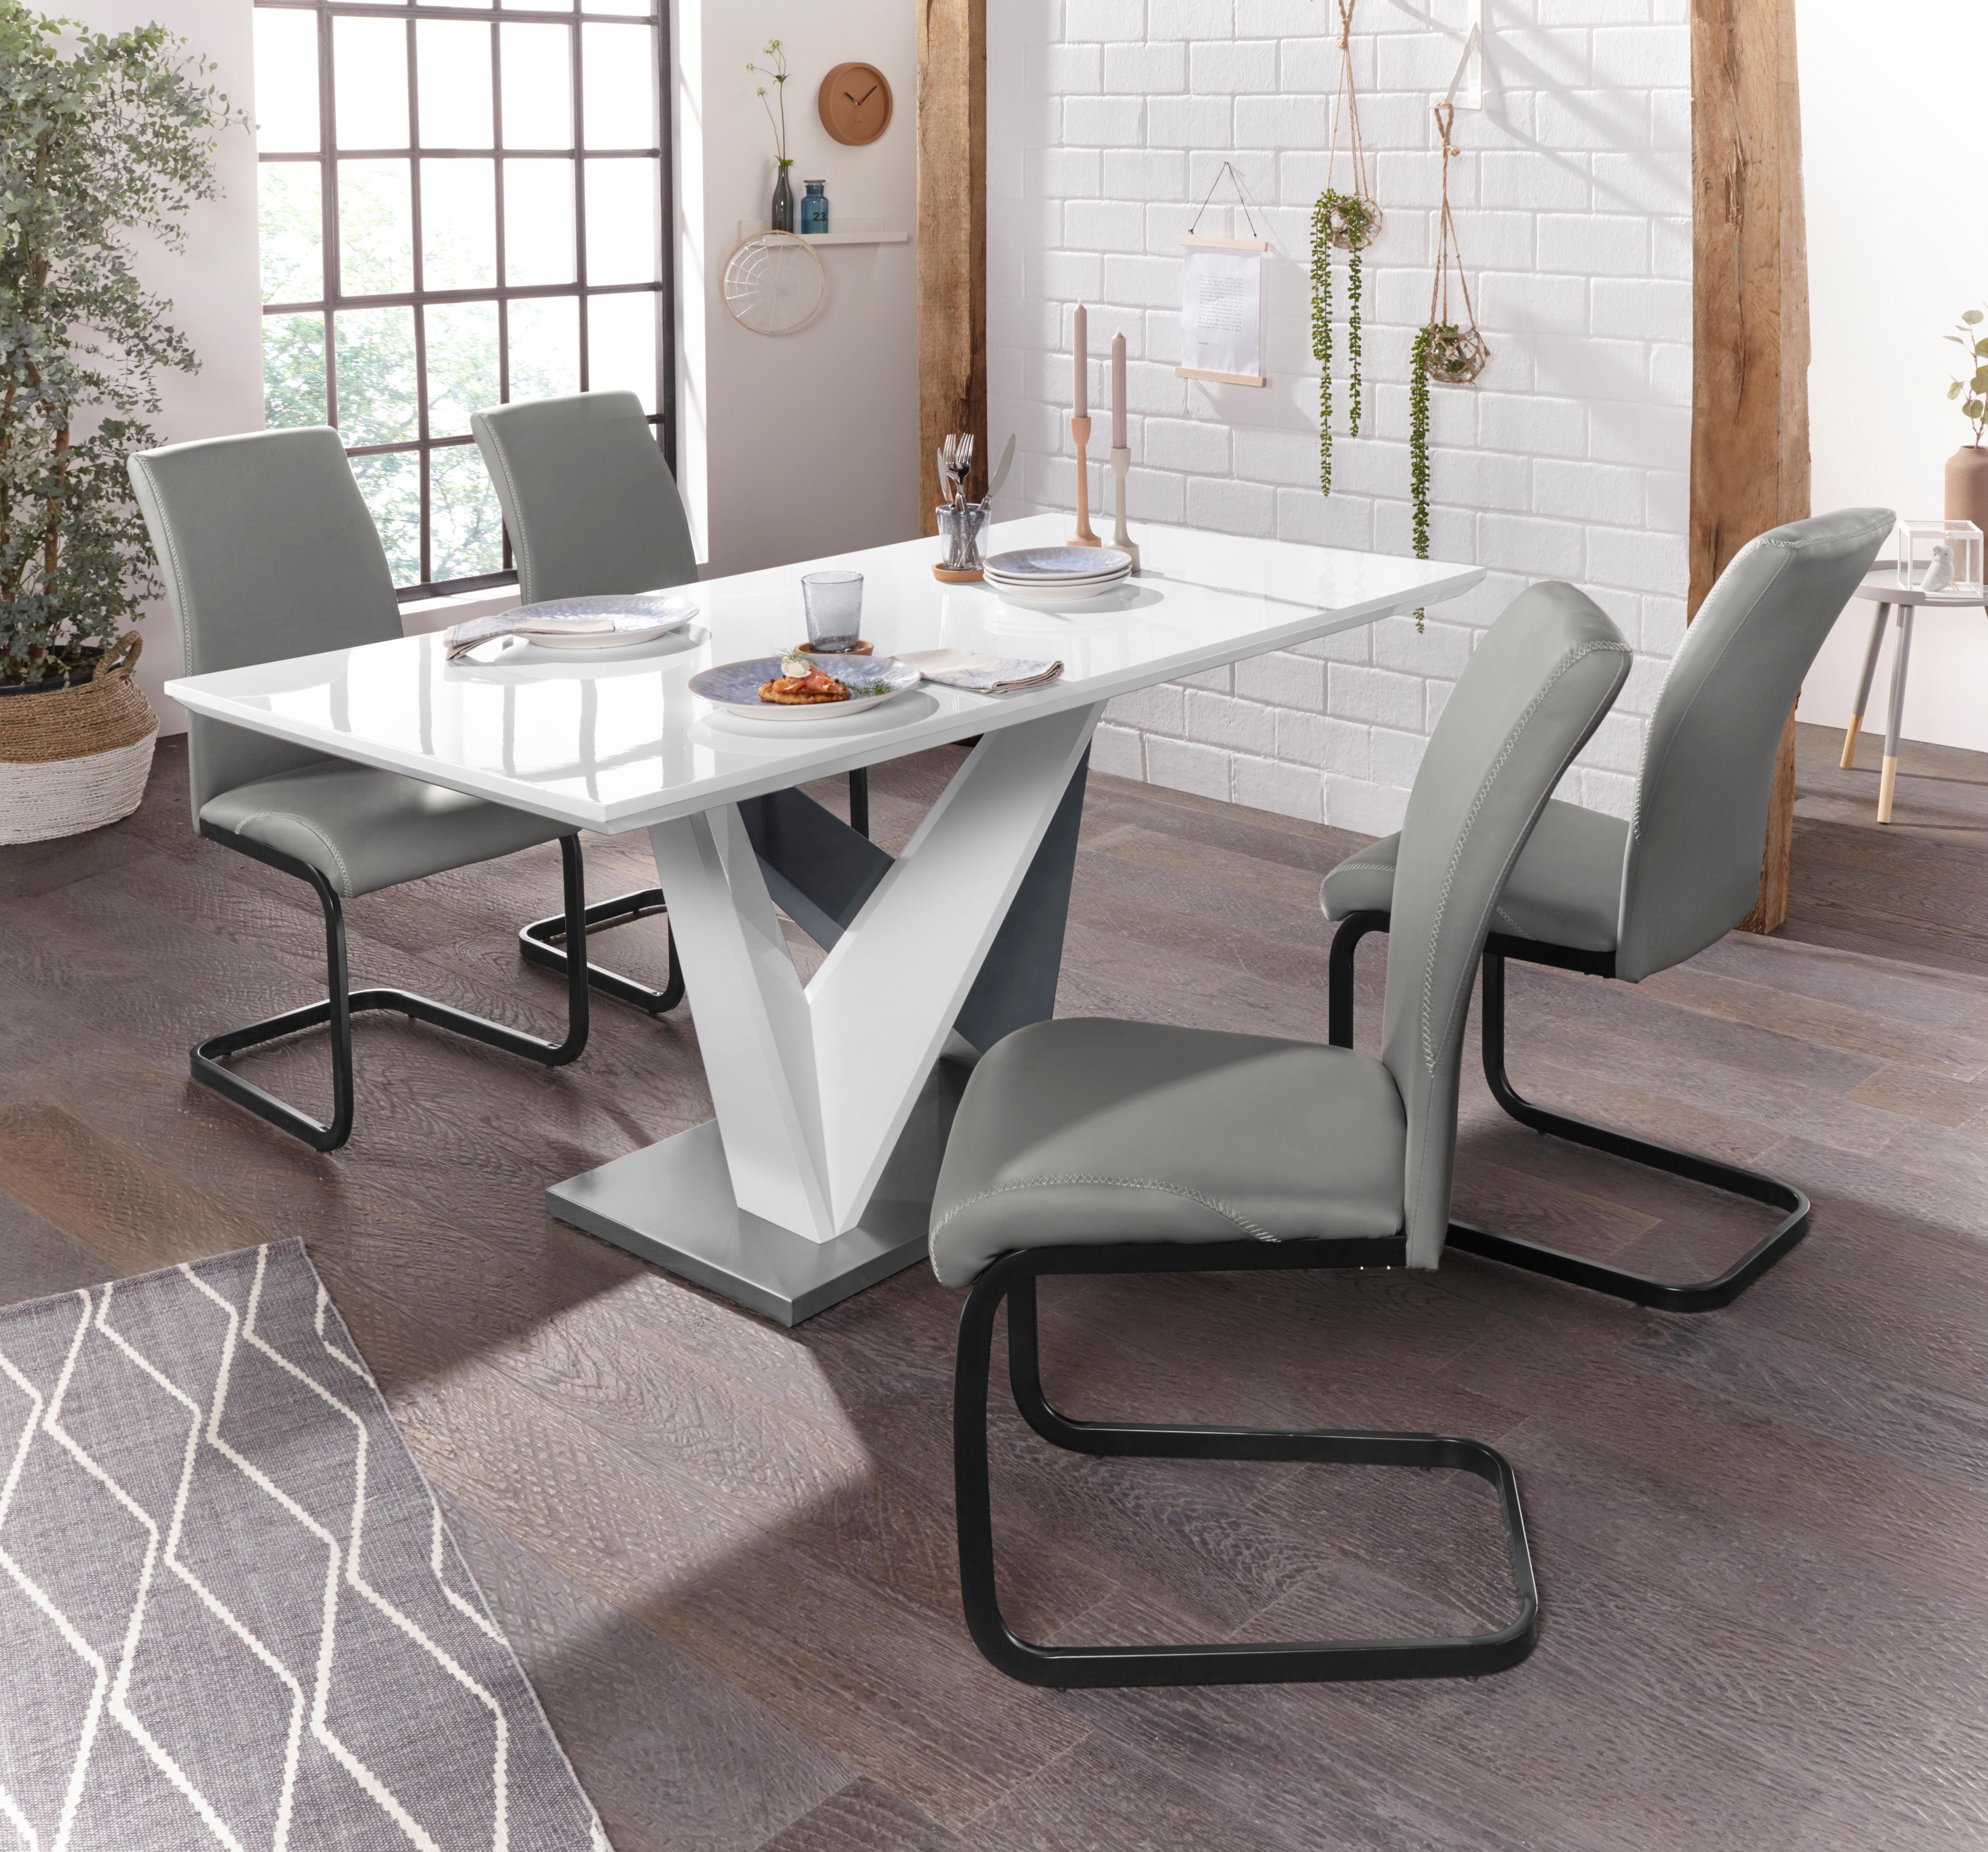 Essgruppe Harry - Hermine mit Esstisch und 4 Stühlen